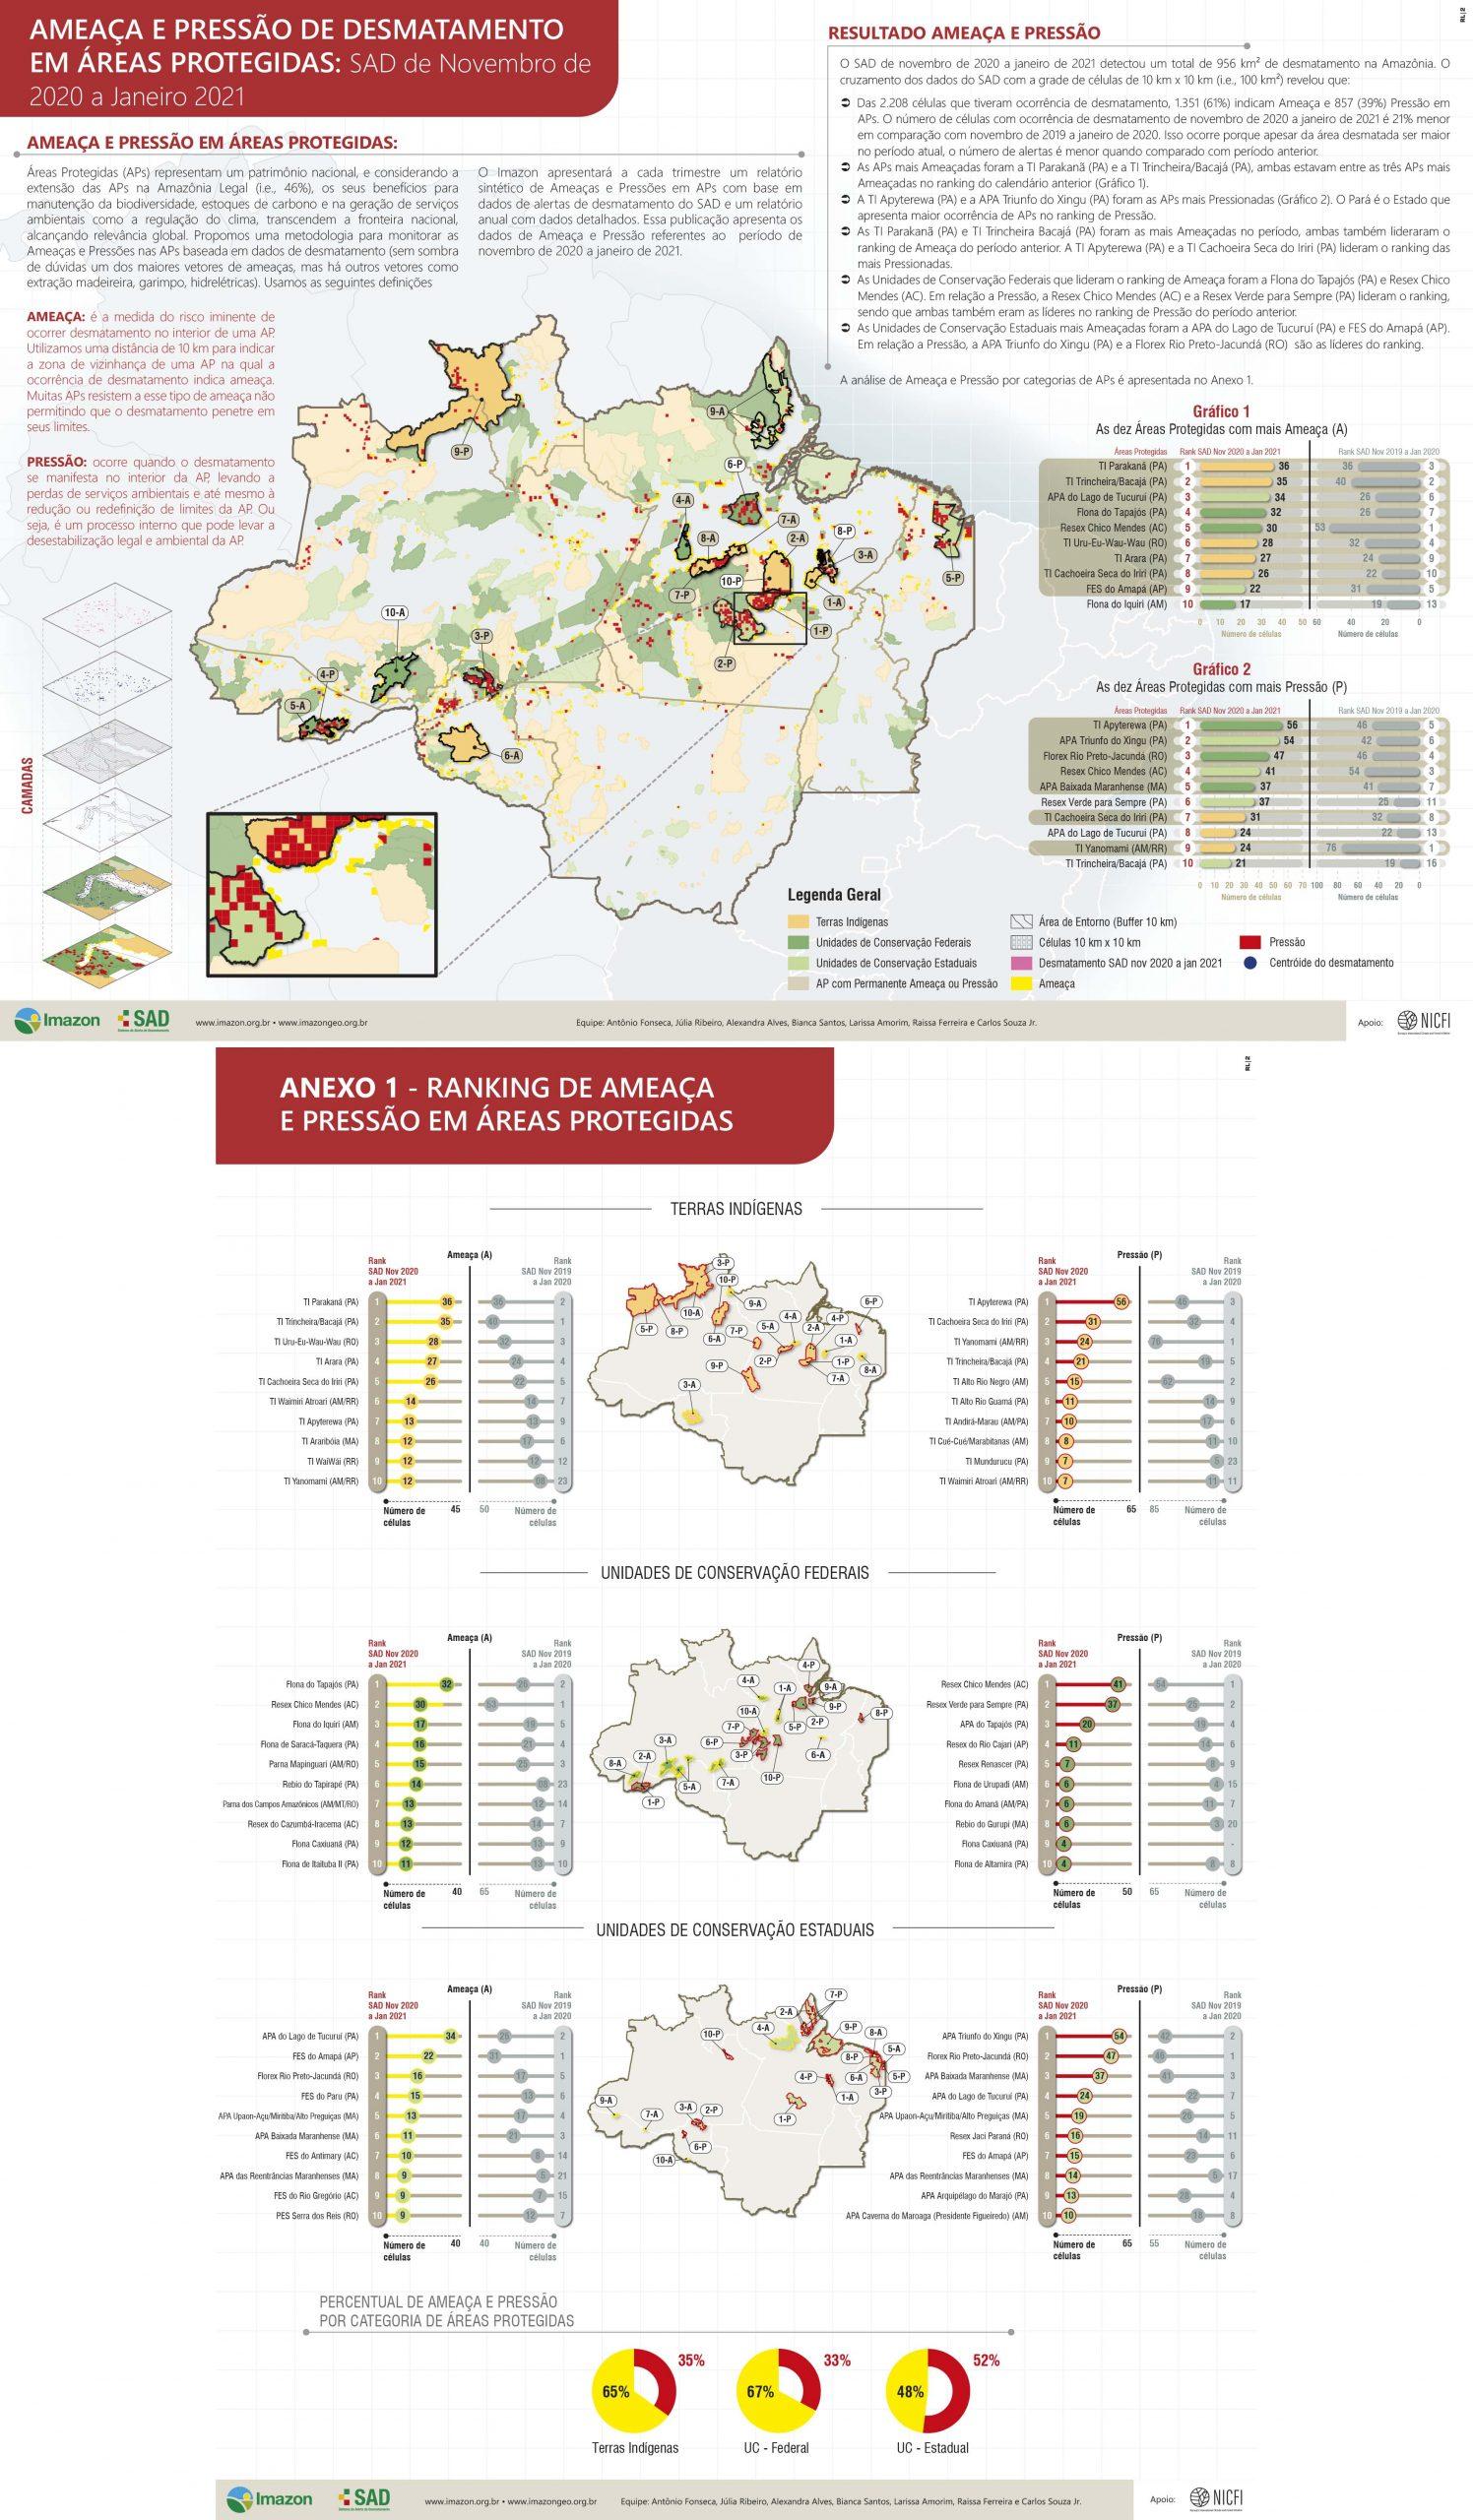 Ameaca e pressao Imazon novembro20 janeiro21 scaled - Ameaça e Pressão de Desmatamento em Áreas Protegidas: SAD de Novembro de 2020 a Janeiro de 2021